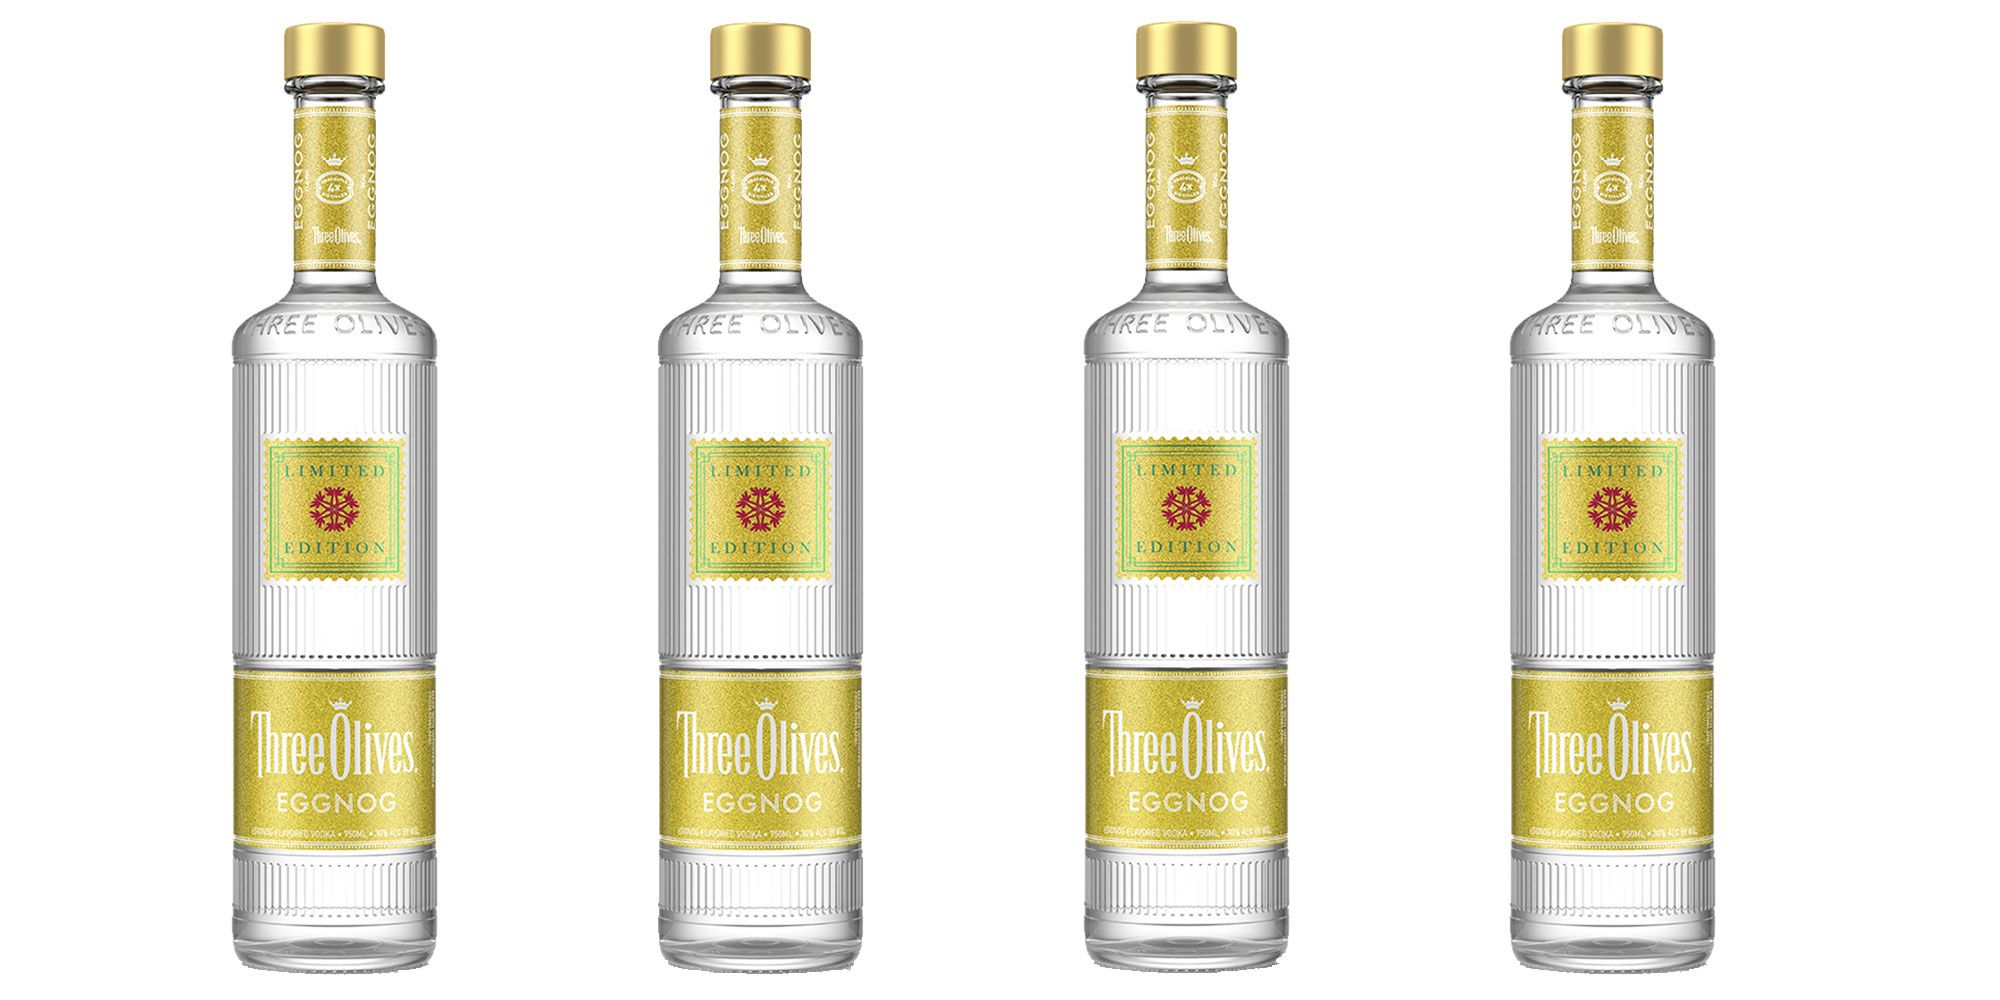 Three Olives Make An Eggnog Vodka For